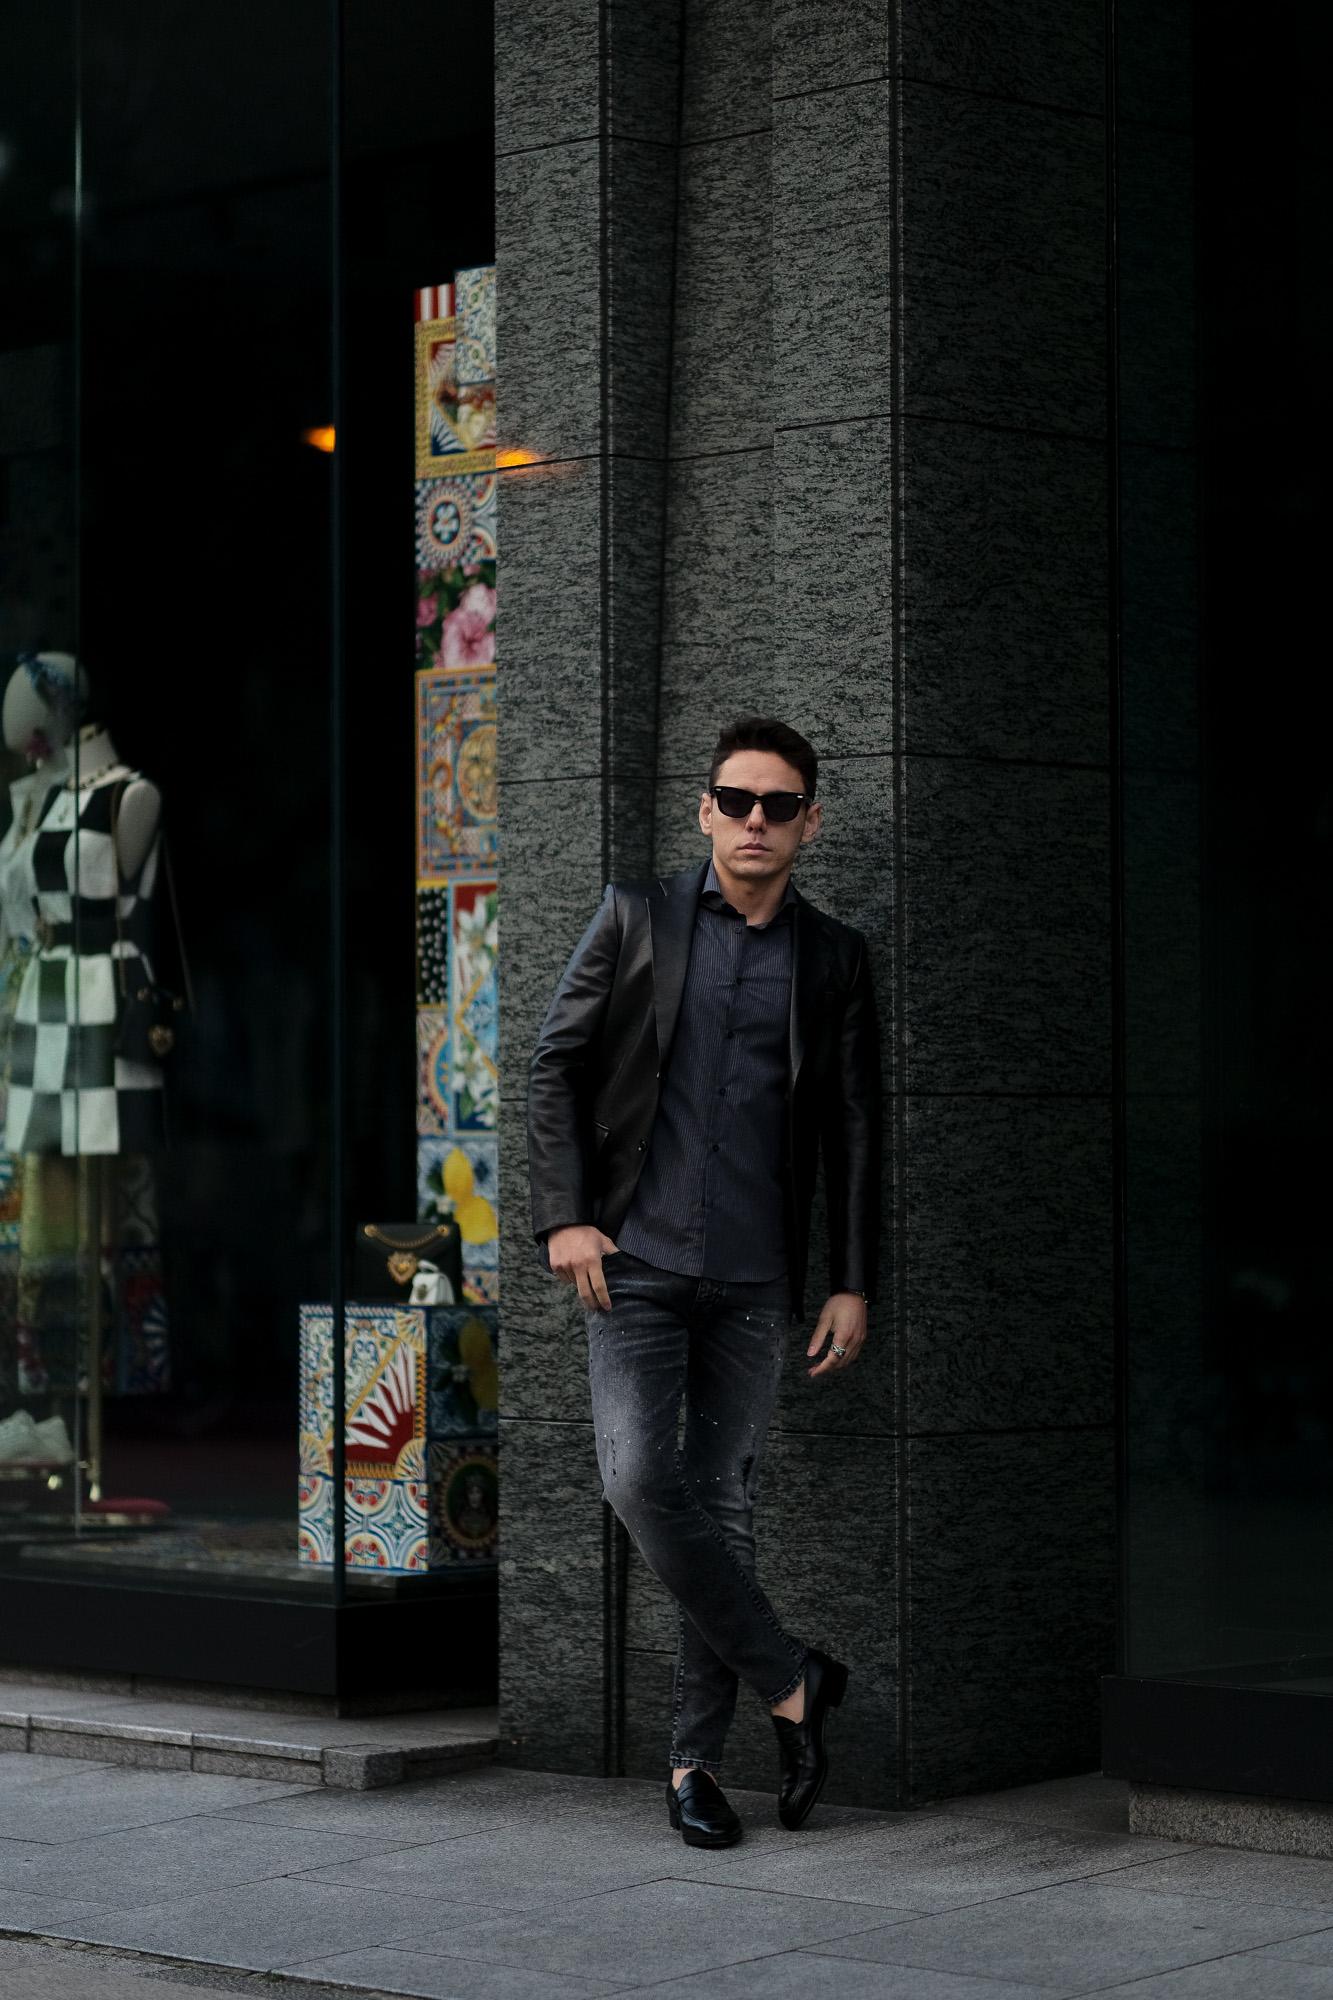 cuervo bopoha(クエルボ ヴァローナ) Satisfaction Leather Collection (サティスファクション レザー コレクション) LEON (レオン) BUFFALO LEATHER (バッファロー レザー) シングル テーラード ジャケット BLACK (ブラック) MADE IN JAPAN (日本製) 2021 春夏新作 愛知 名古屋 altoediritto アルトエデリット